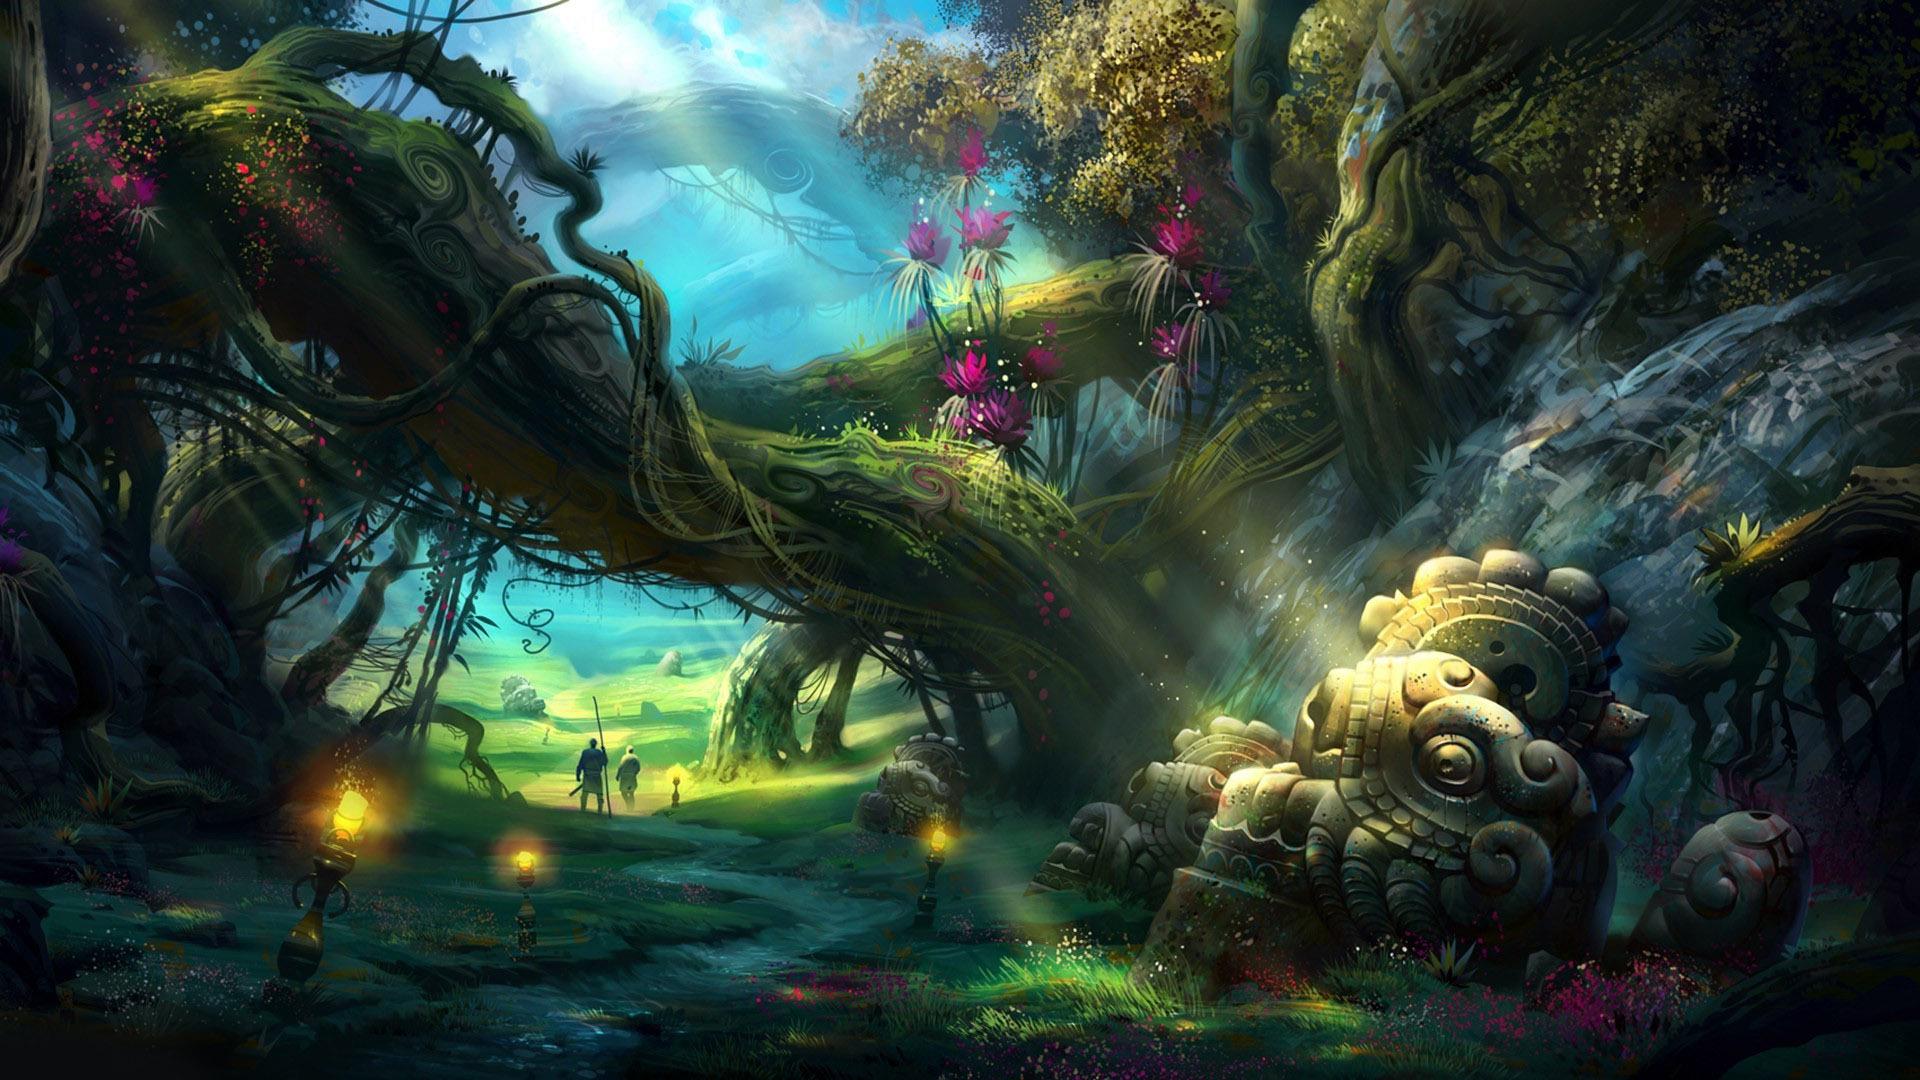 Mystical HD wallpapers, Desktop wallpaper - most viewed